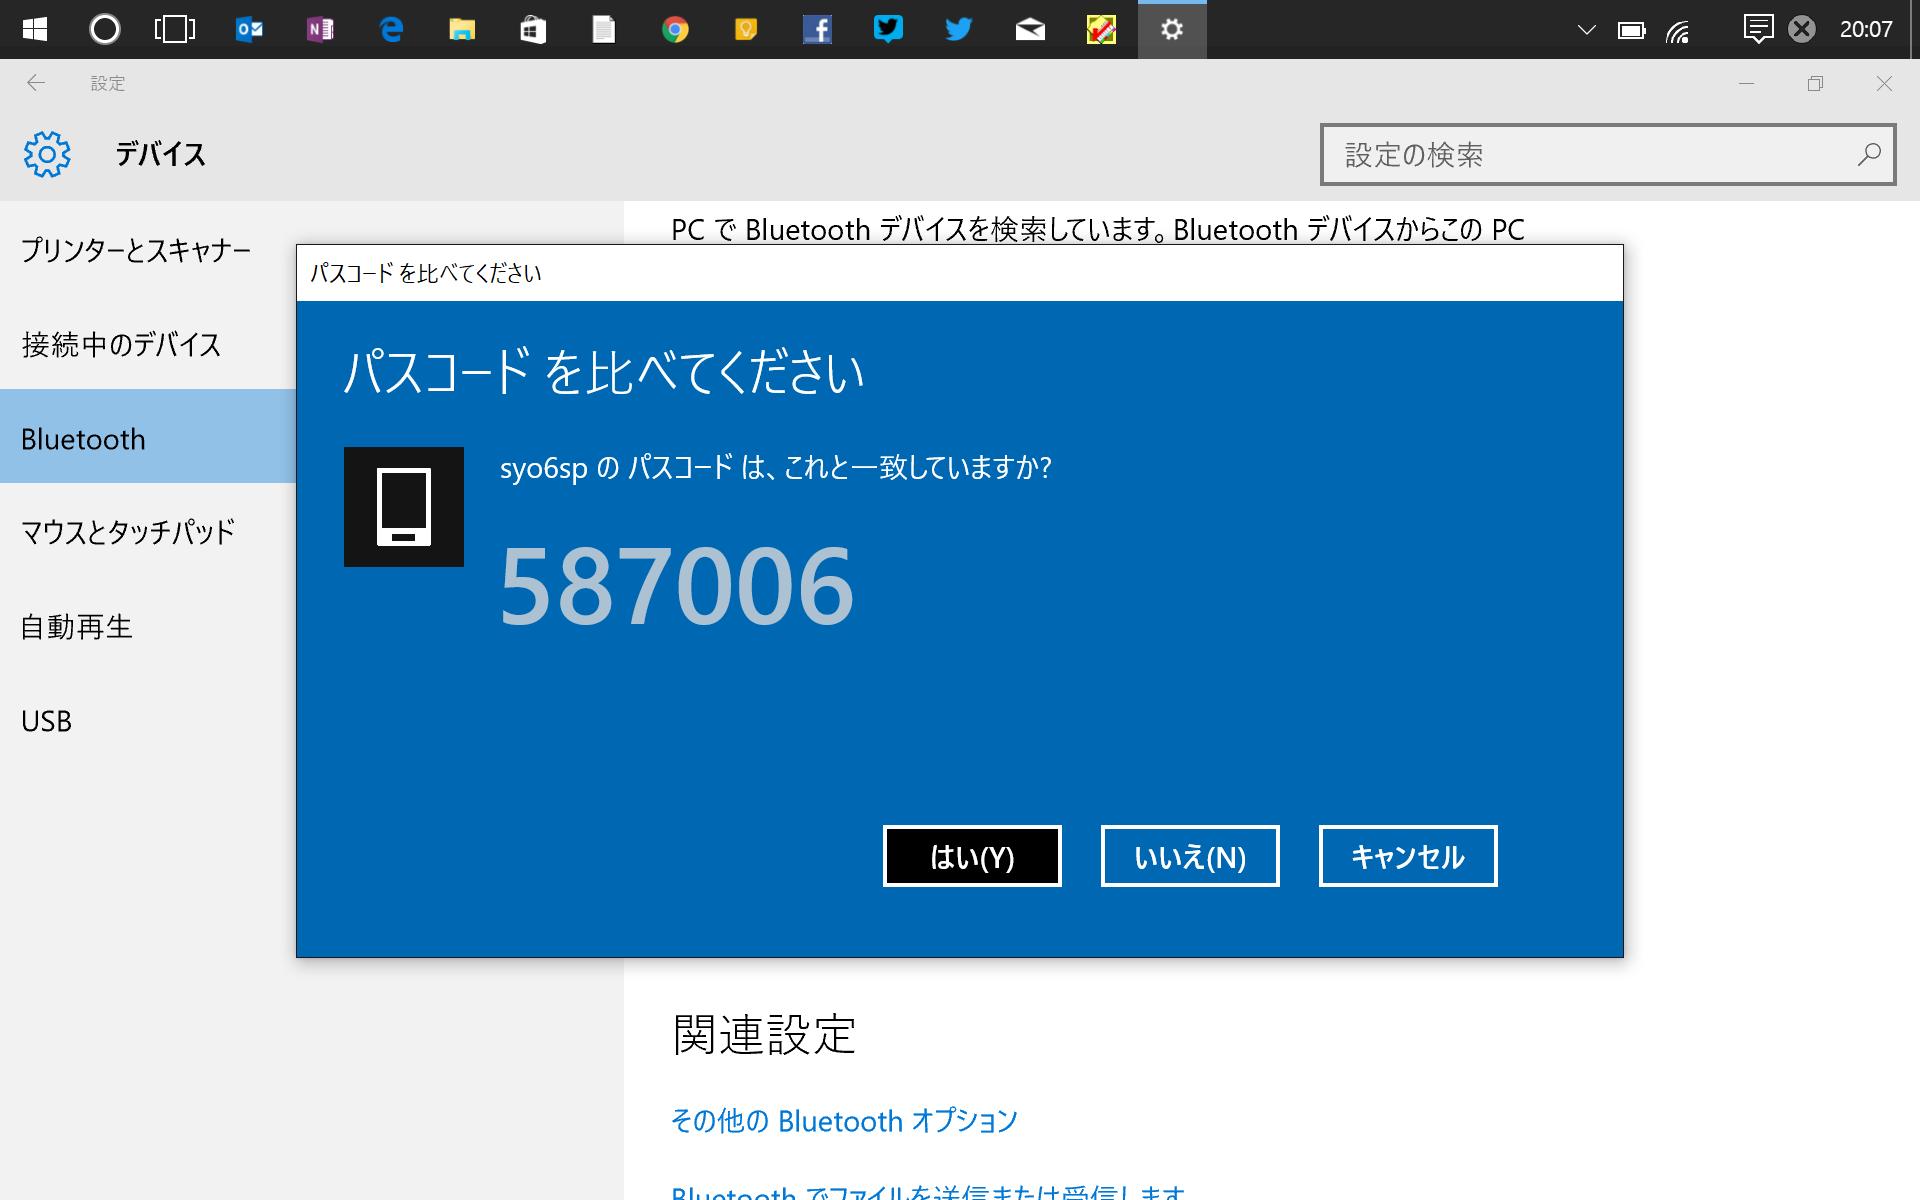 PCで表示されたパスコードとiPhone側に表示されたものの一致を確認